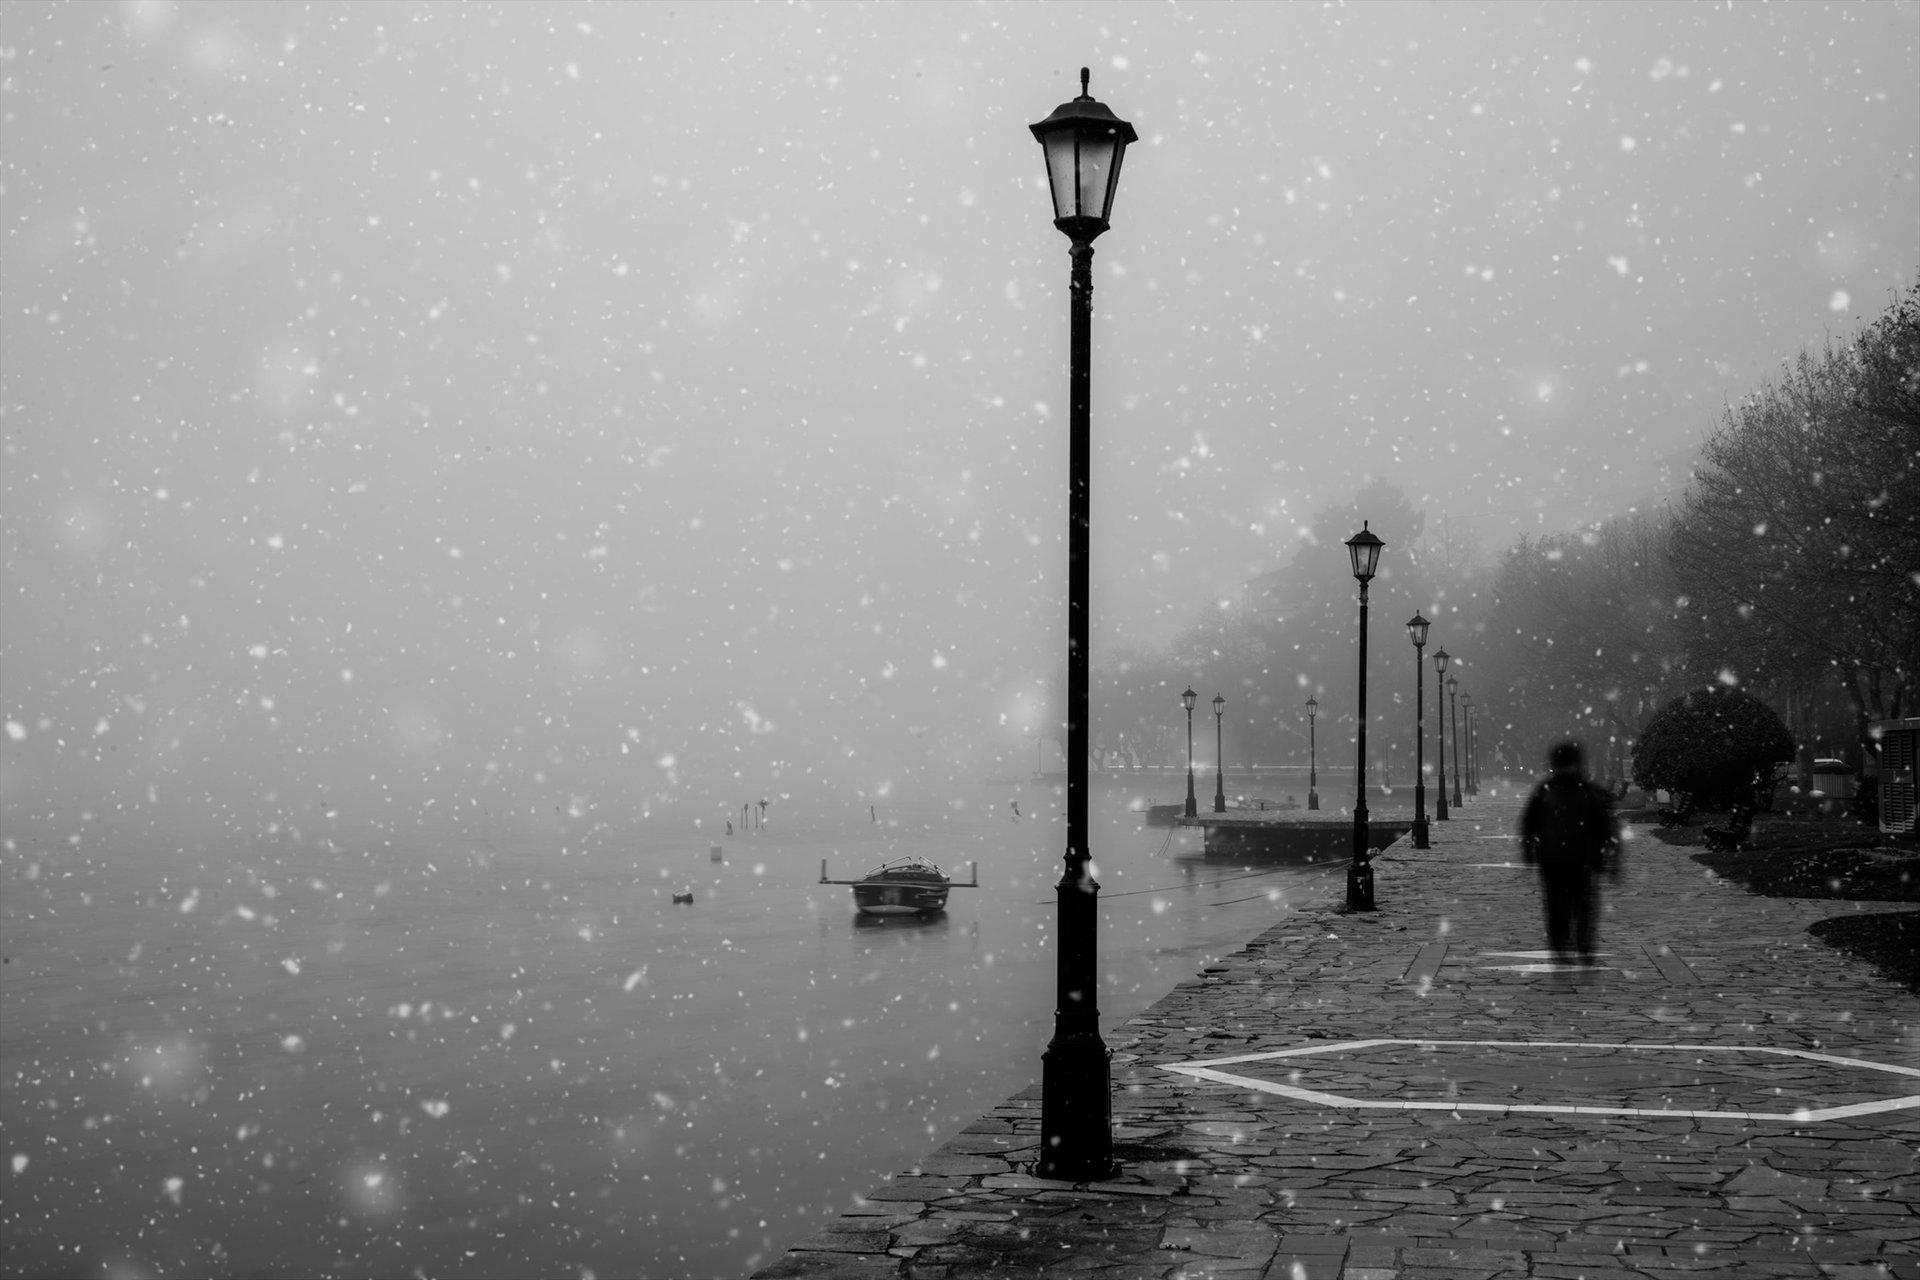 Зимно утро от TEODORA IVANOVA - dorascal18